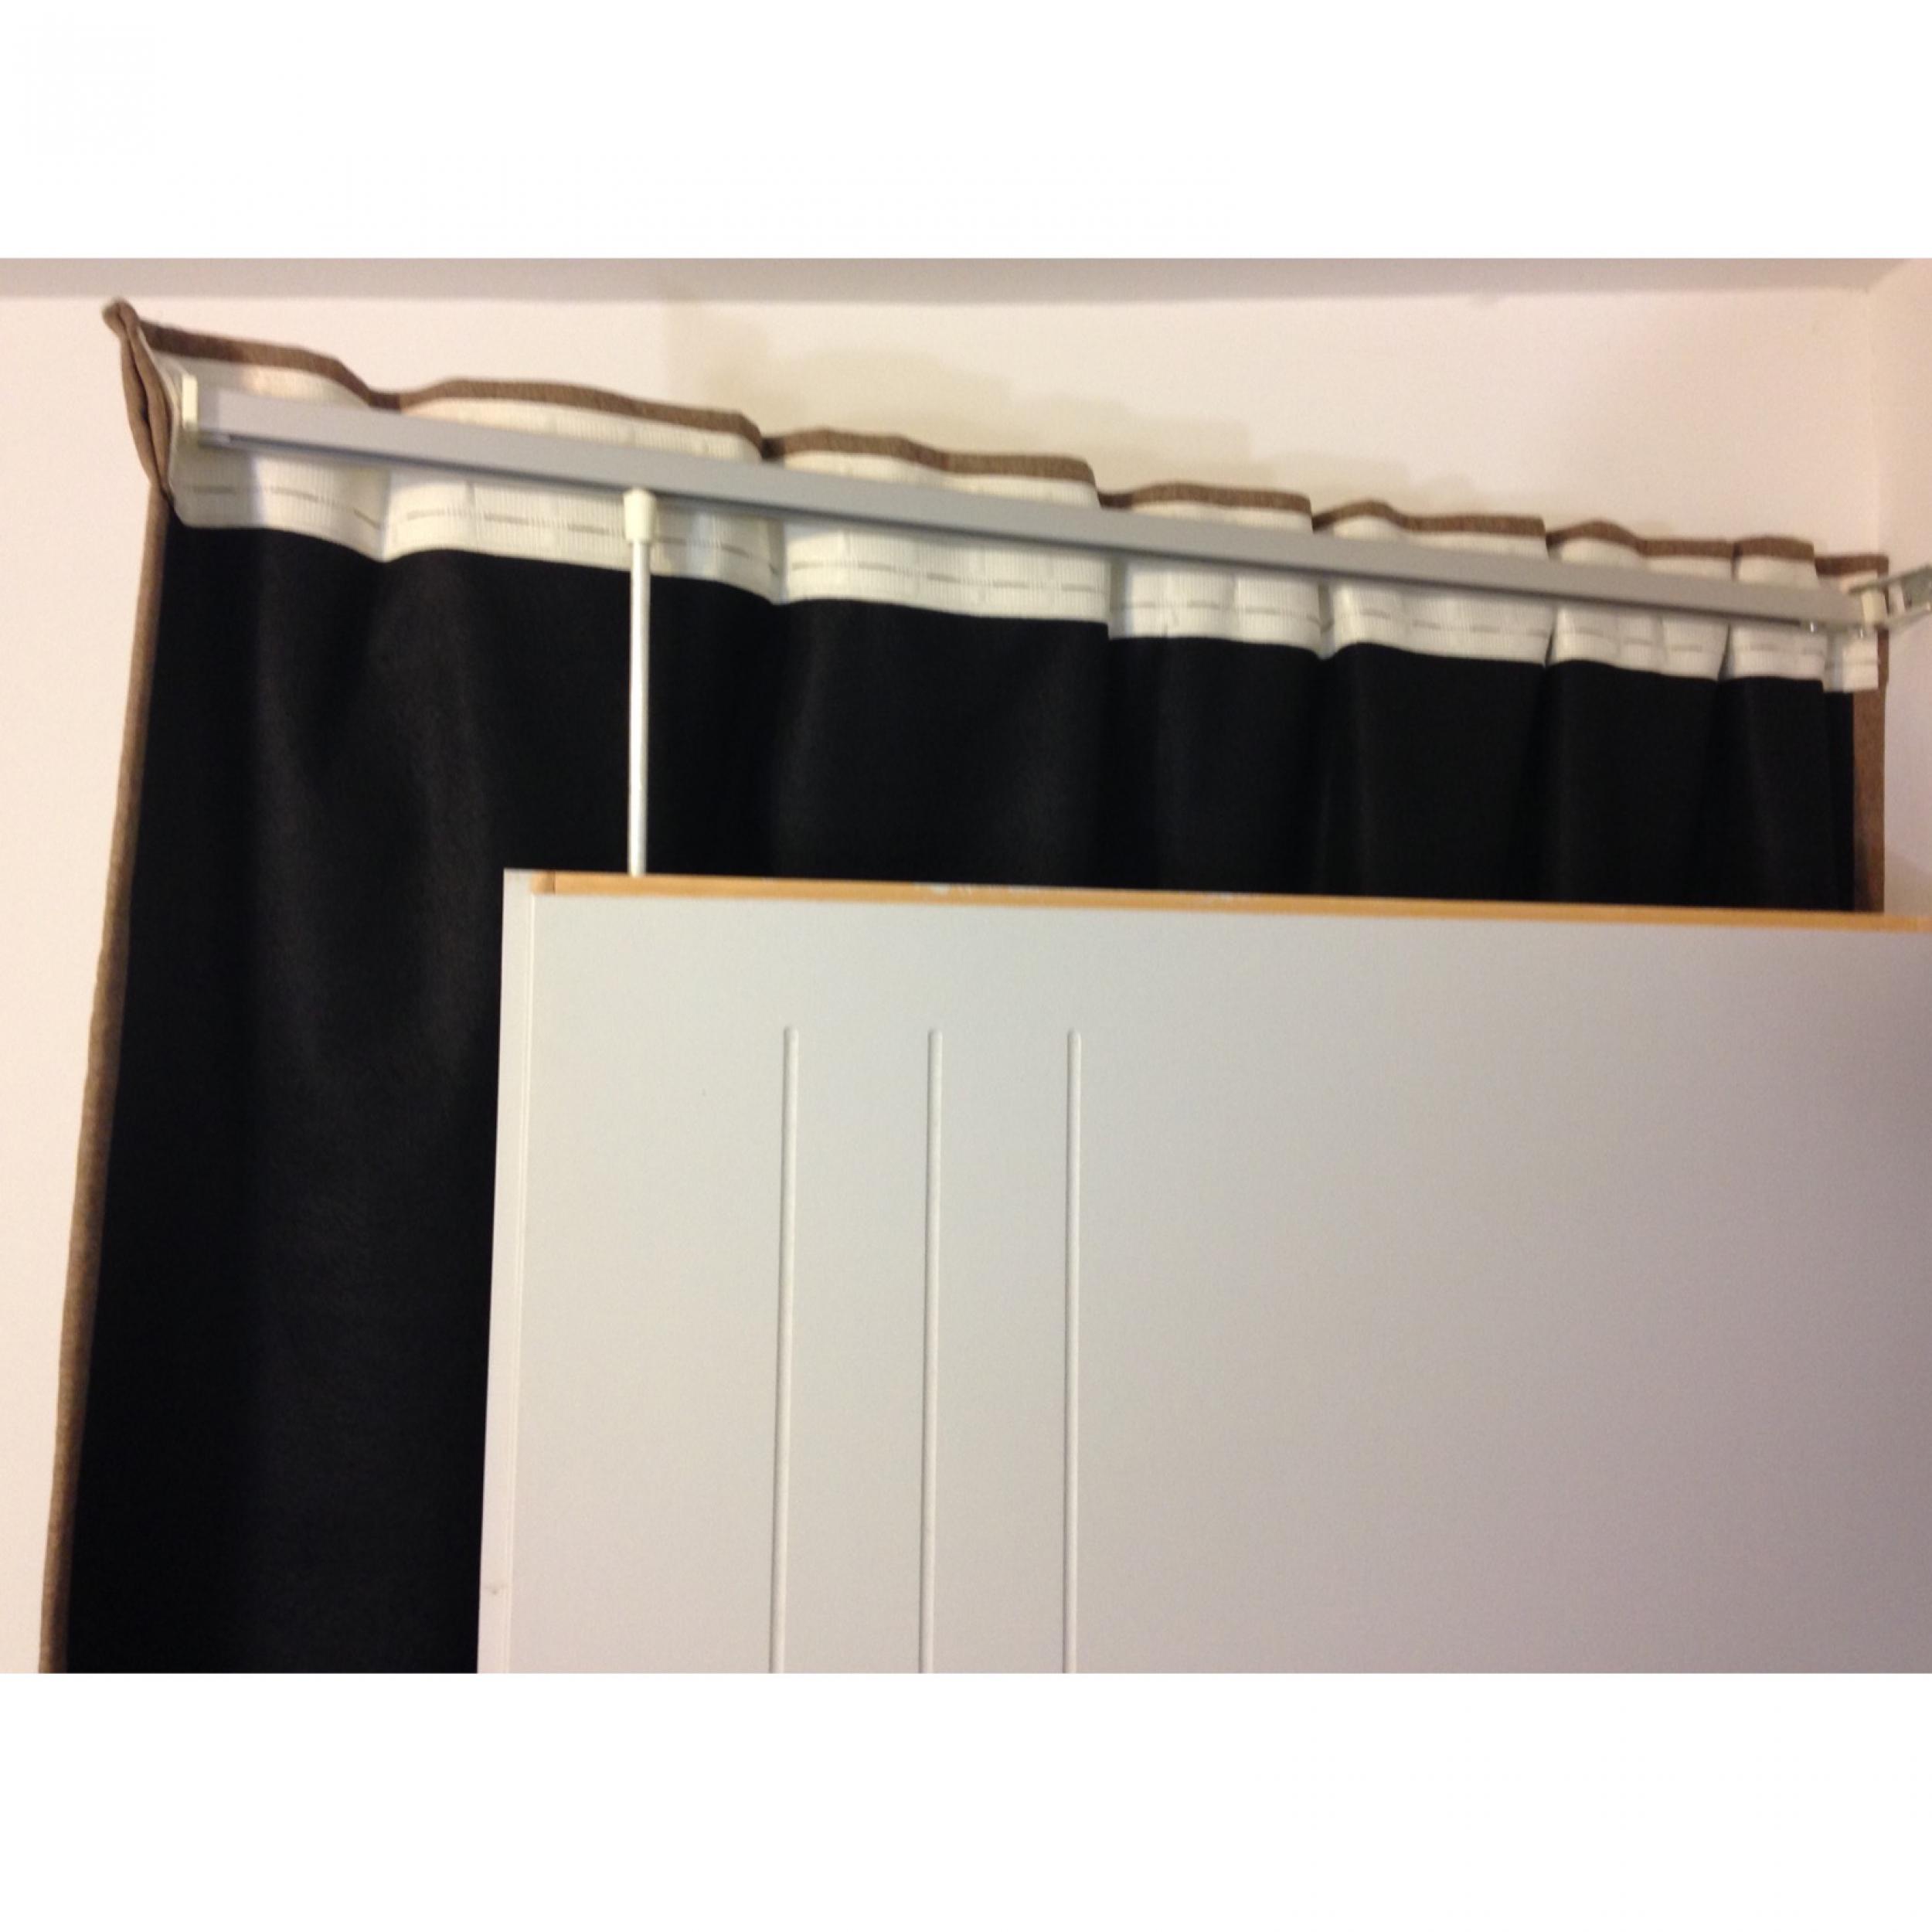 rideaux ruflette isolant thermique varese taupe pour. Black Bedroom Furniture Sets. Home Design Ideas